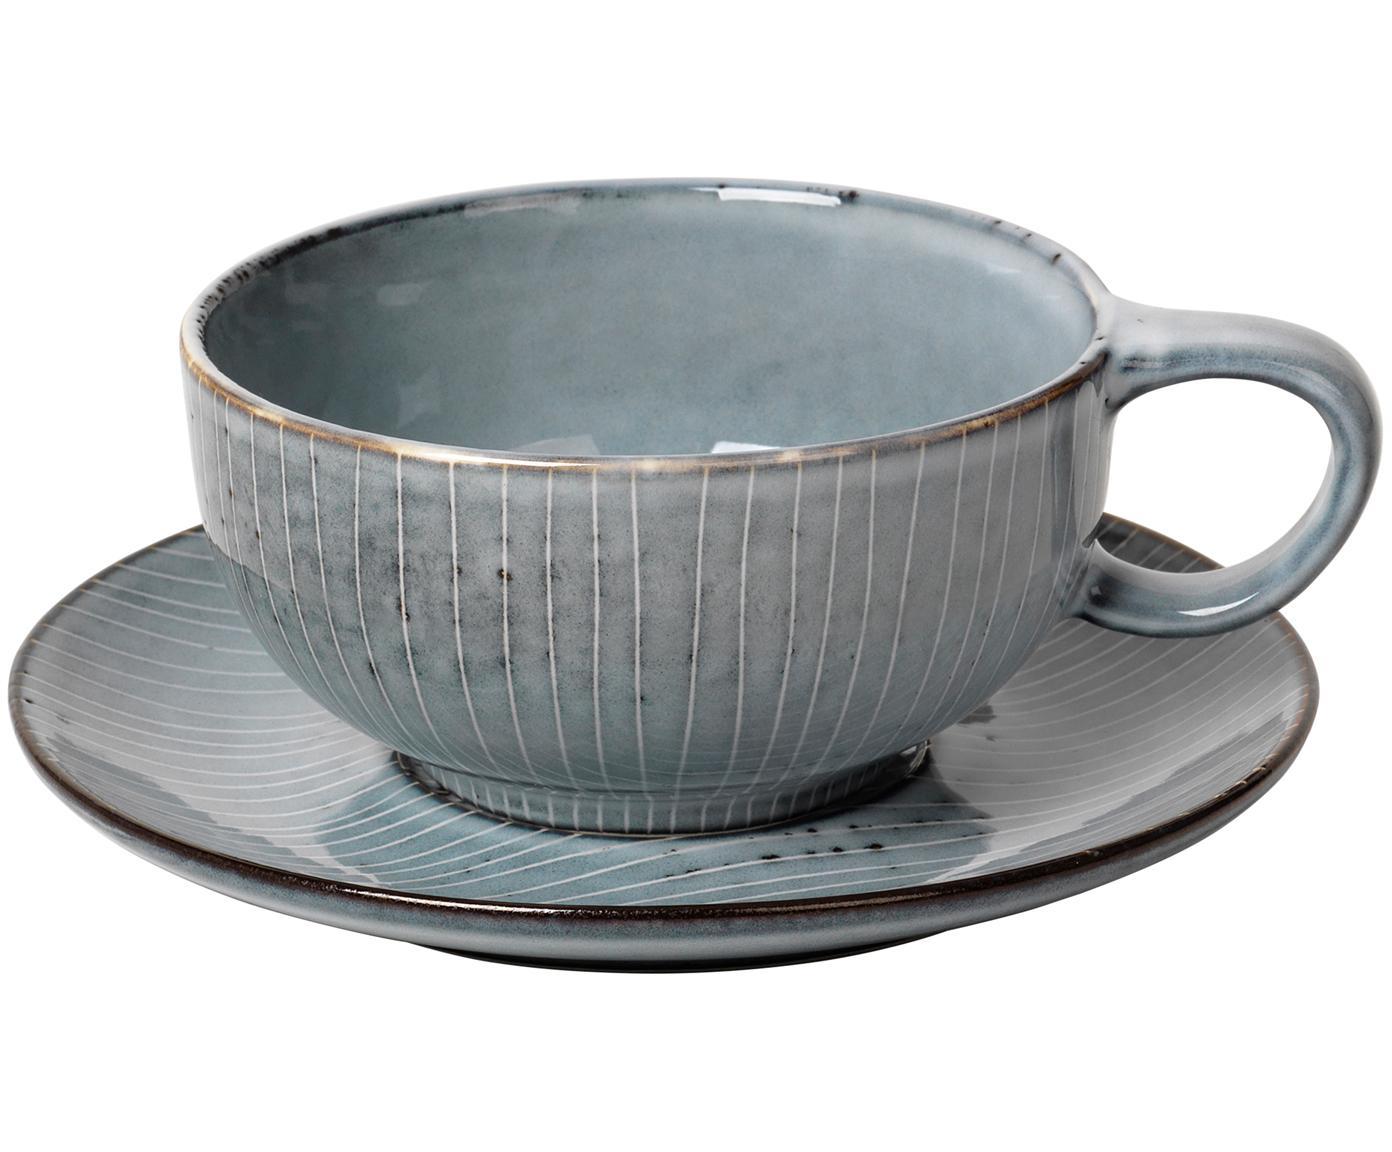 Taza artesanal con platillo Nordic Sea, 2pzas., Gres, Tonos grises y azules, Ø 11 x Al 5 cm